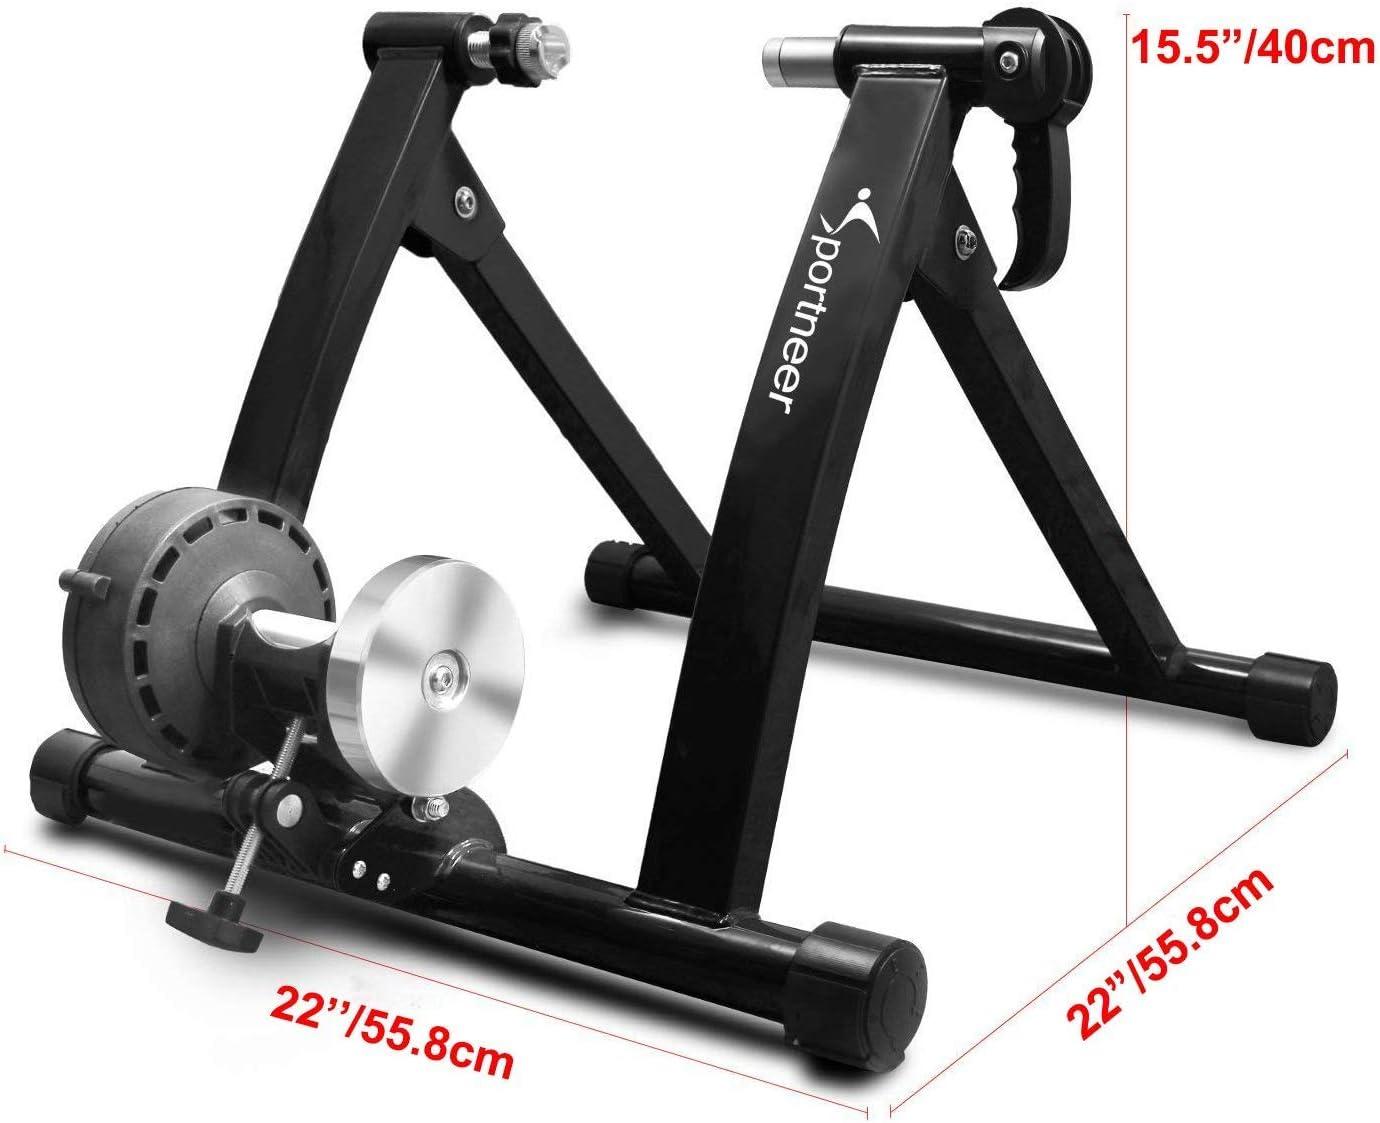 Fahrrad Rollentrainer Stahl Fahrrad /Übung Magnetischer St/änder mit Ger/äusch Reduktions Rad Sportneer Fahrradtrainer